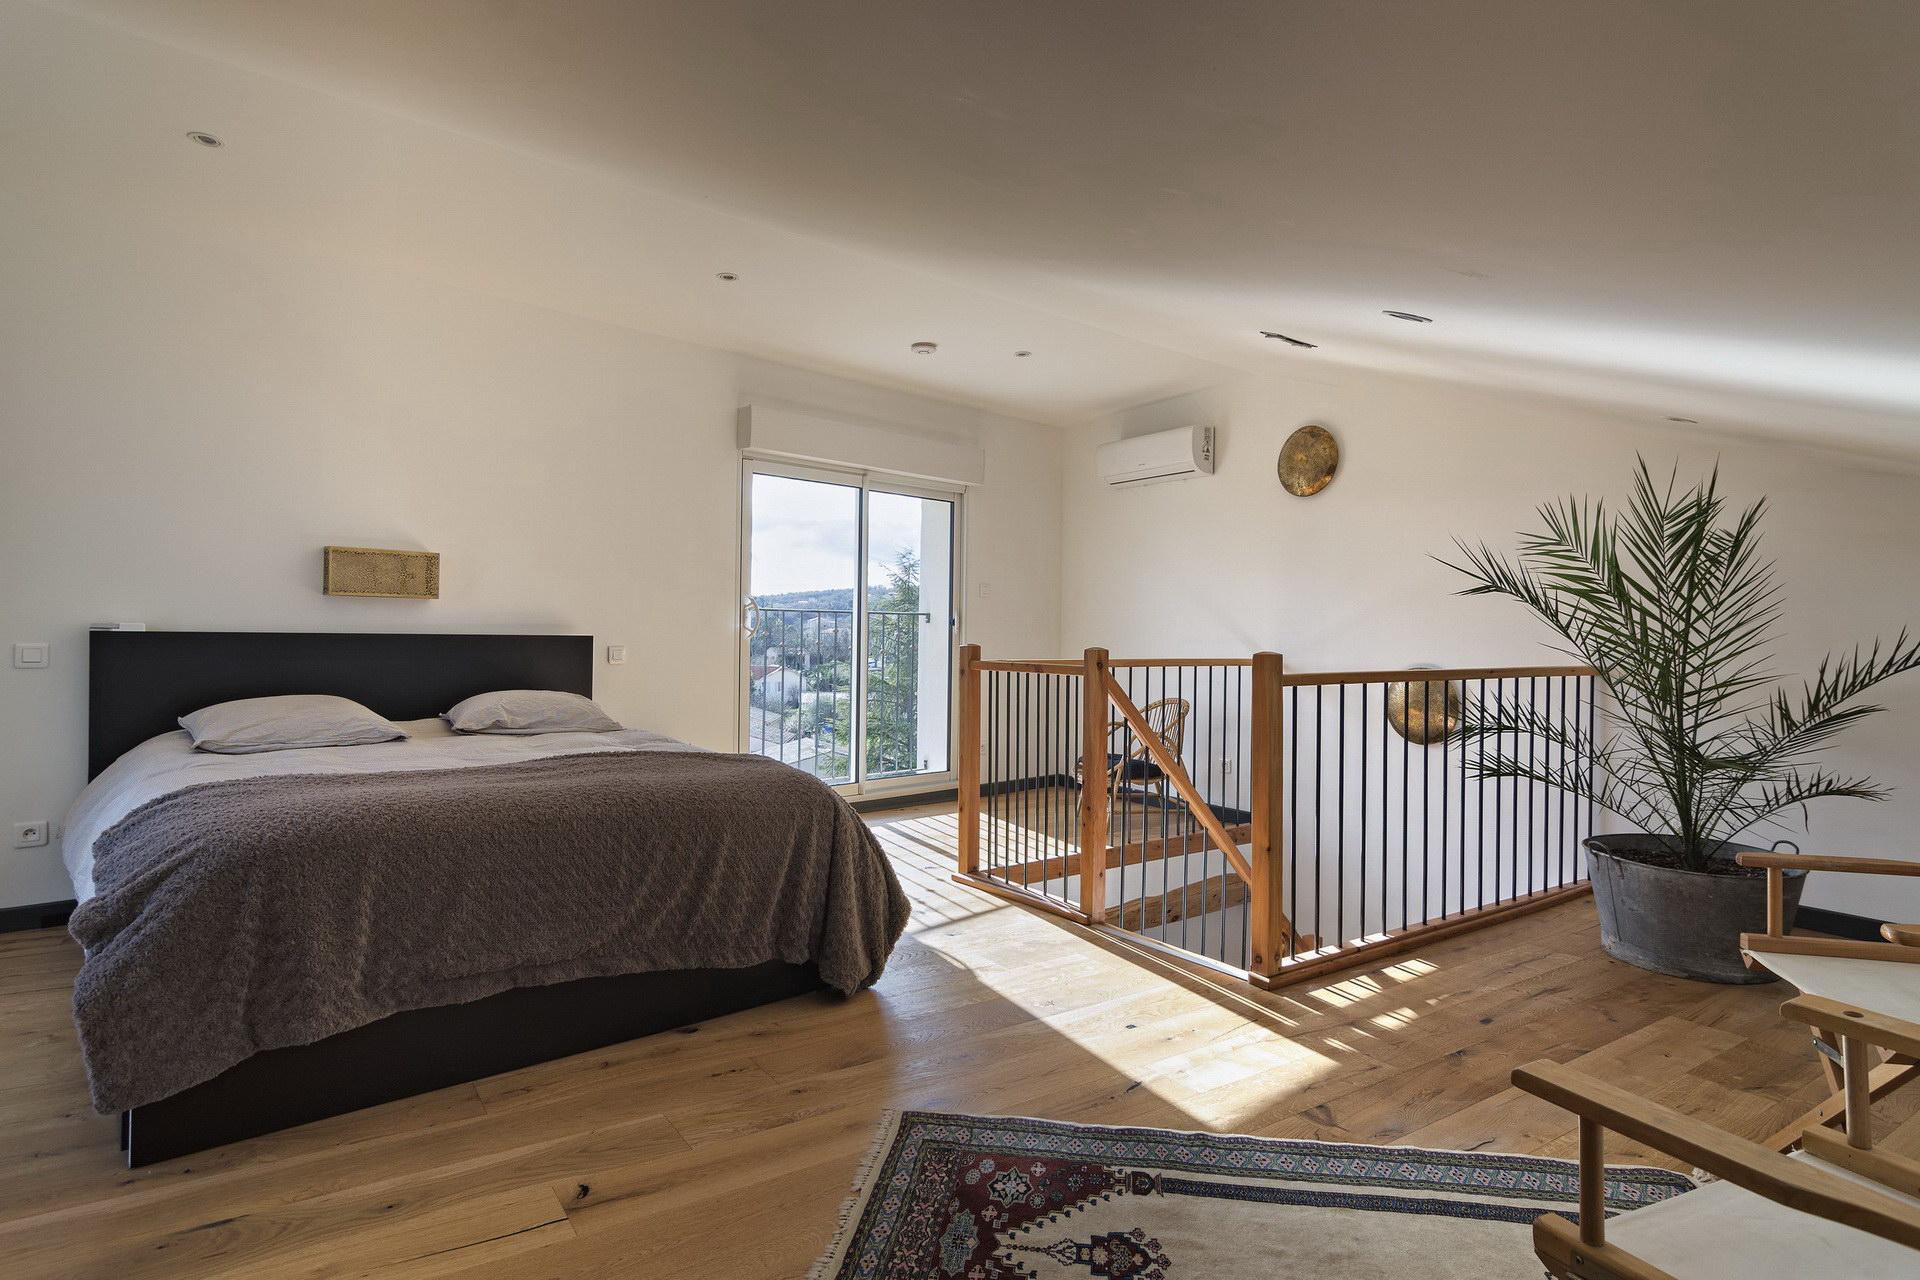 Appartement 4 personnes en location à forcalquier grande chambre avec vue et dressing